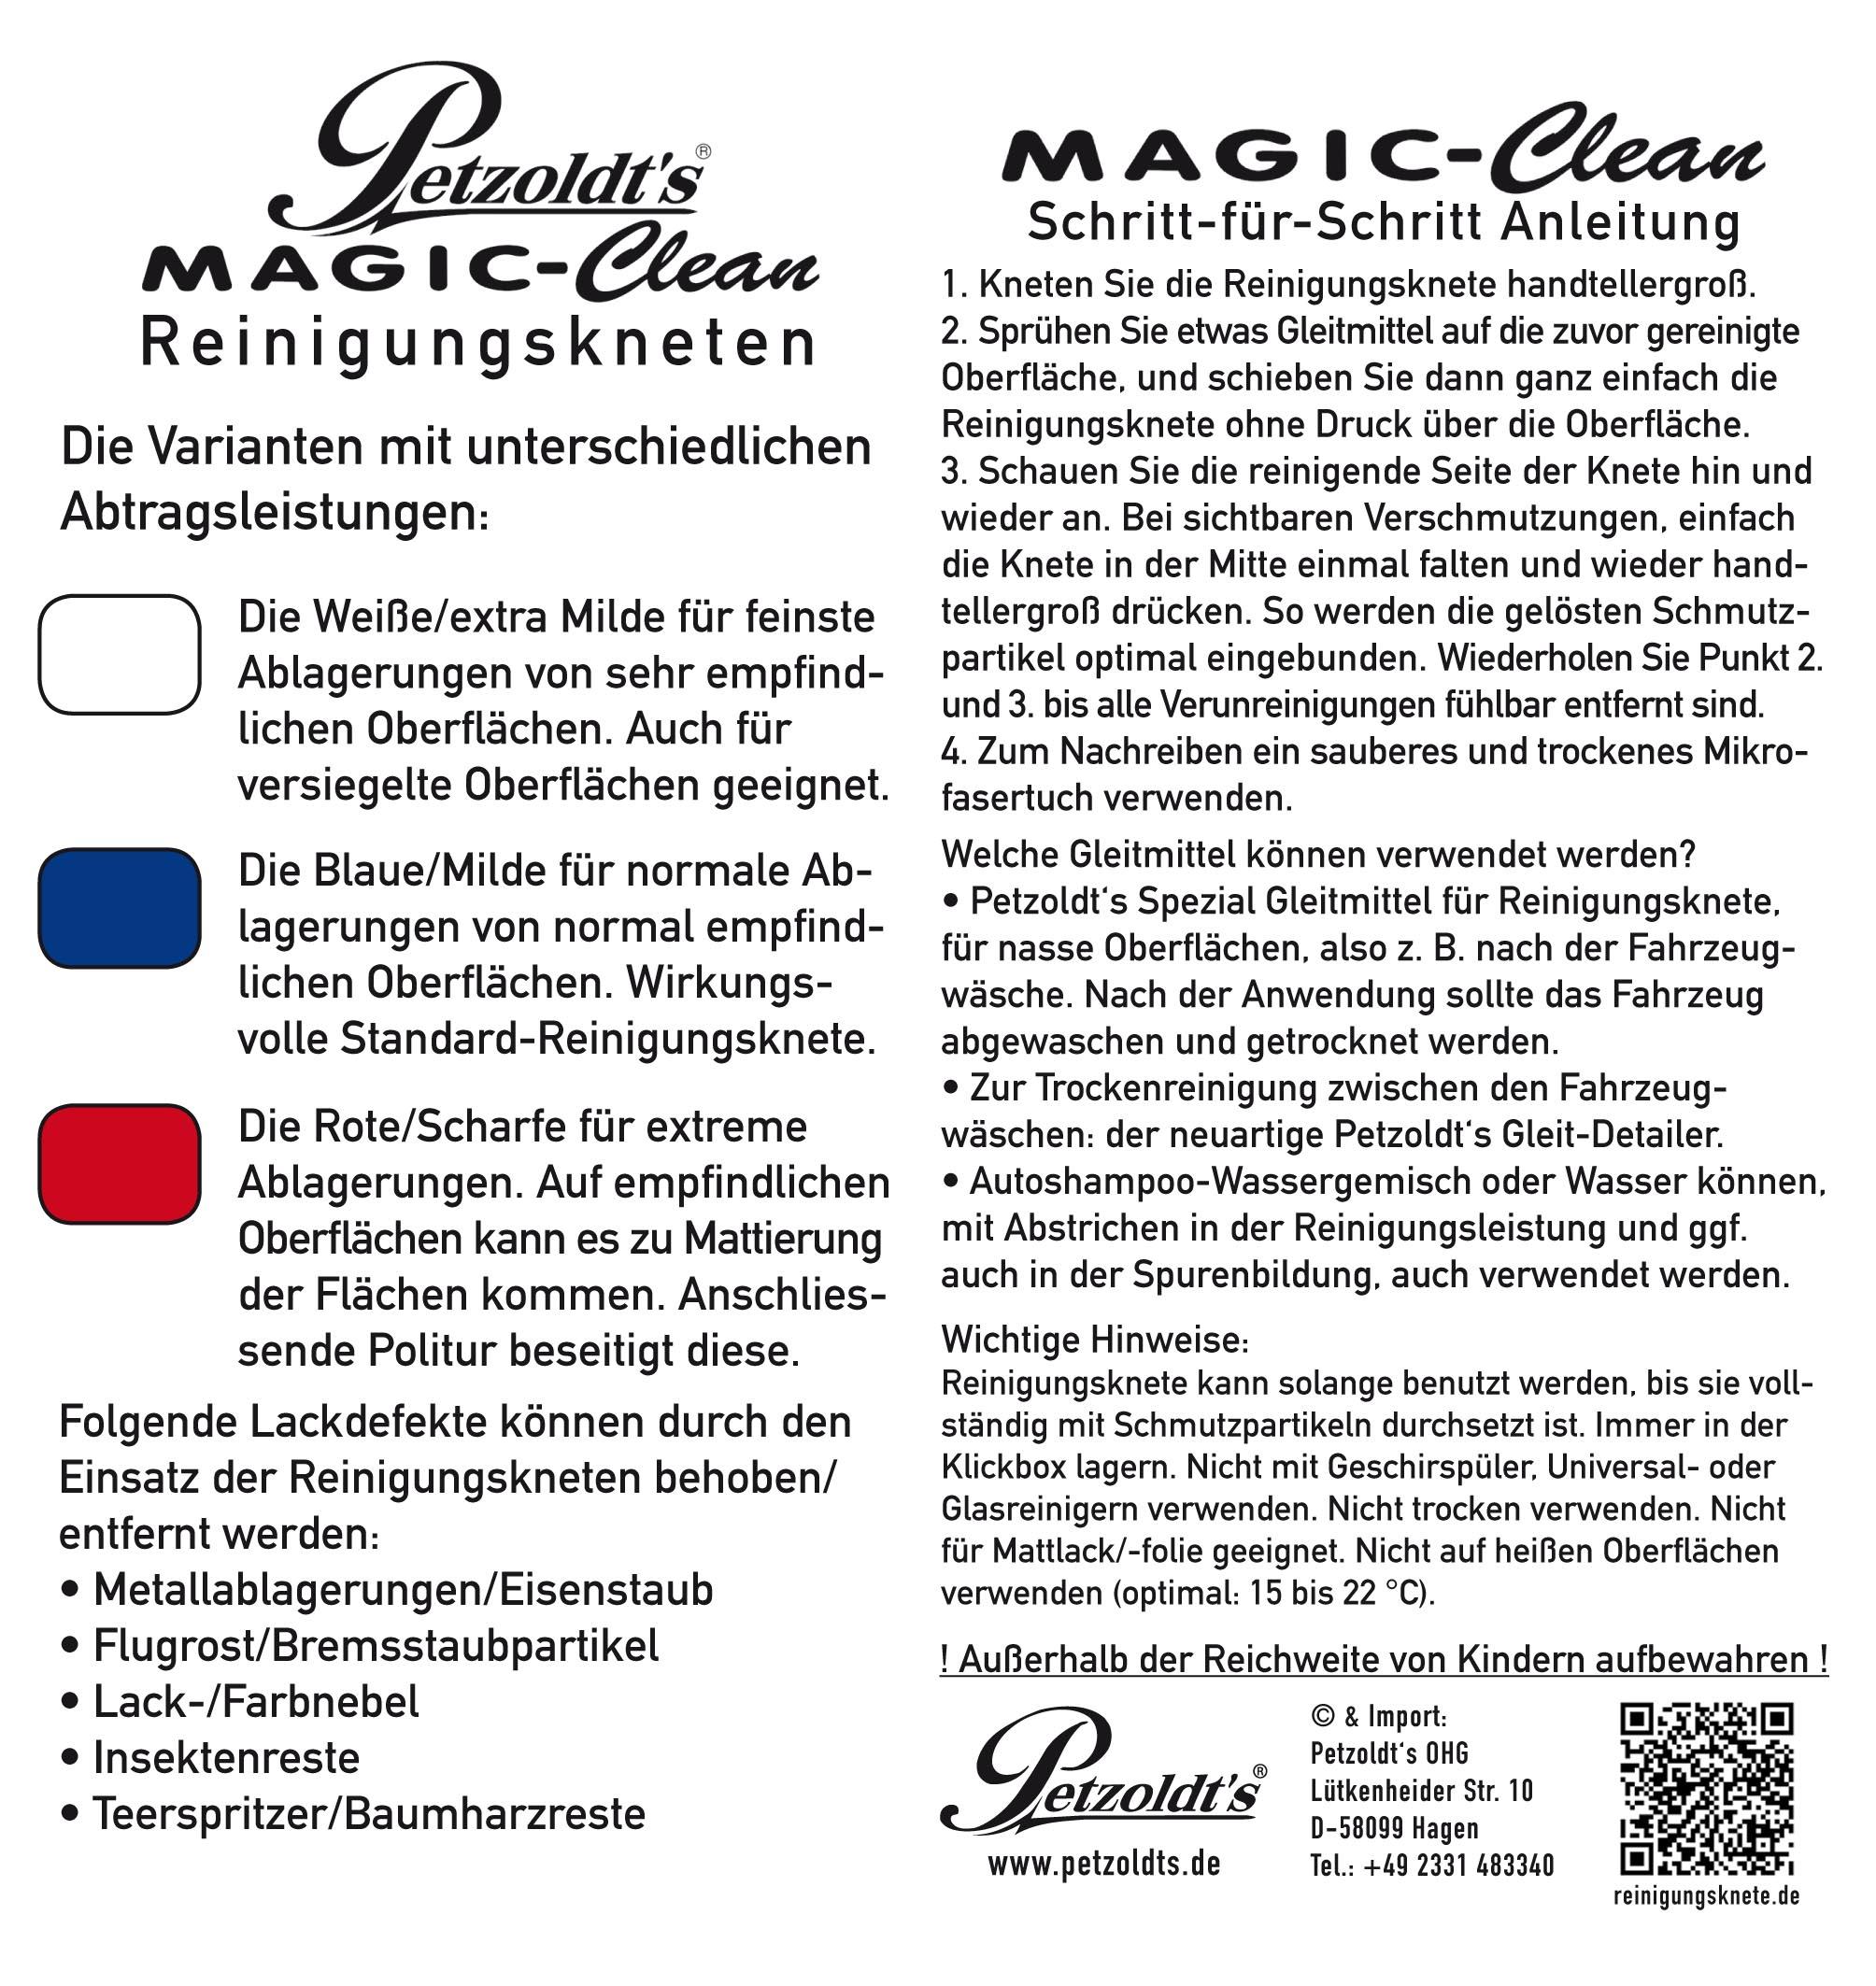 Petzoldts Reinigungsknete Gleit-Detailer Set